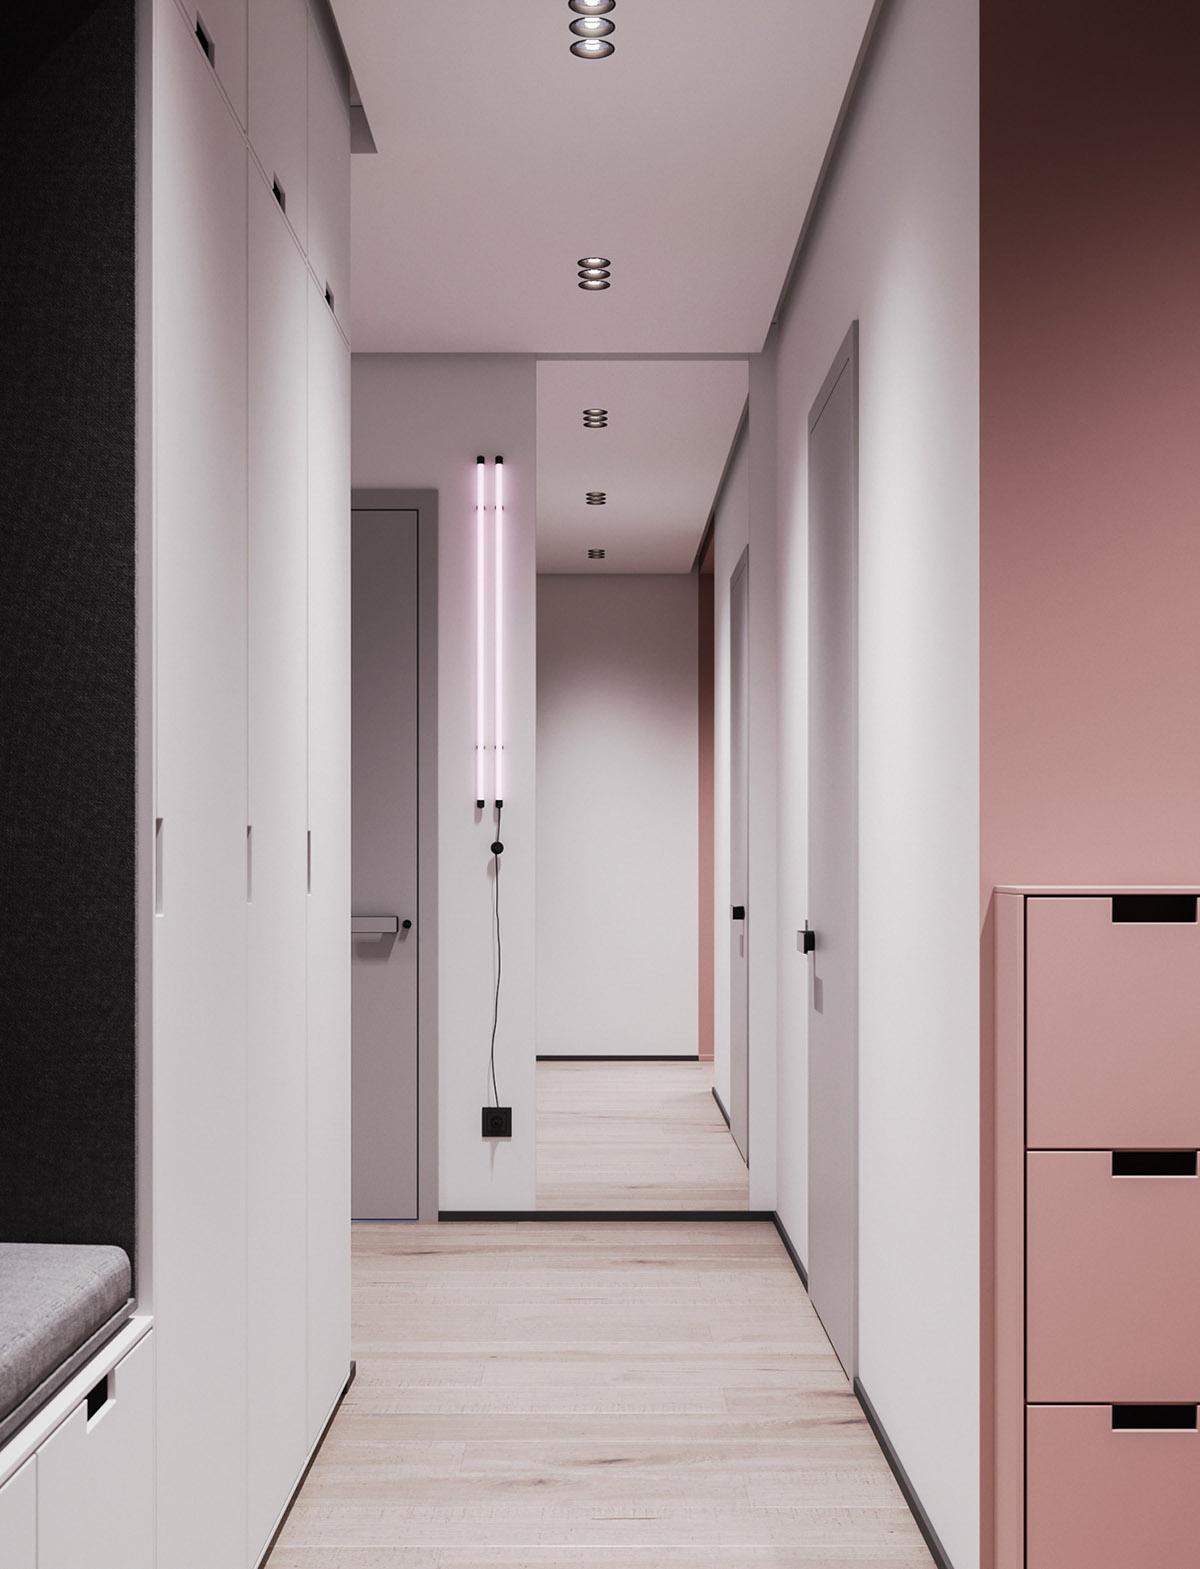 Một số thiết kế nội thất sử dụng màu hồng và xám - Full length mirror